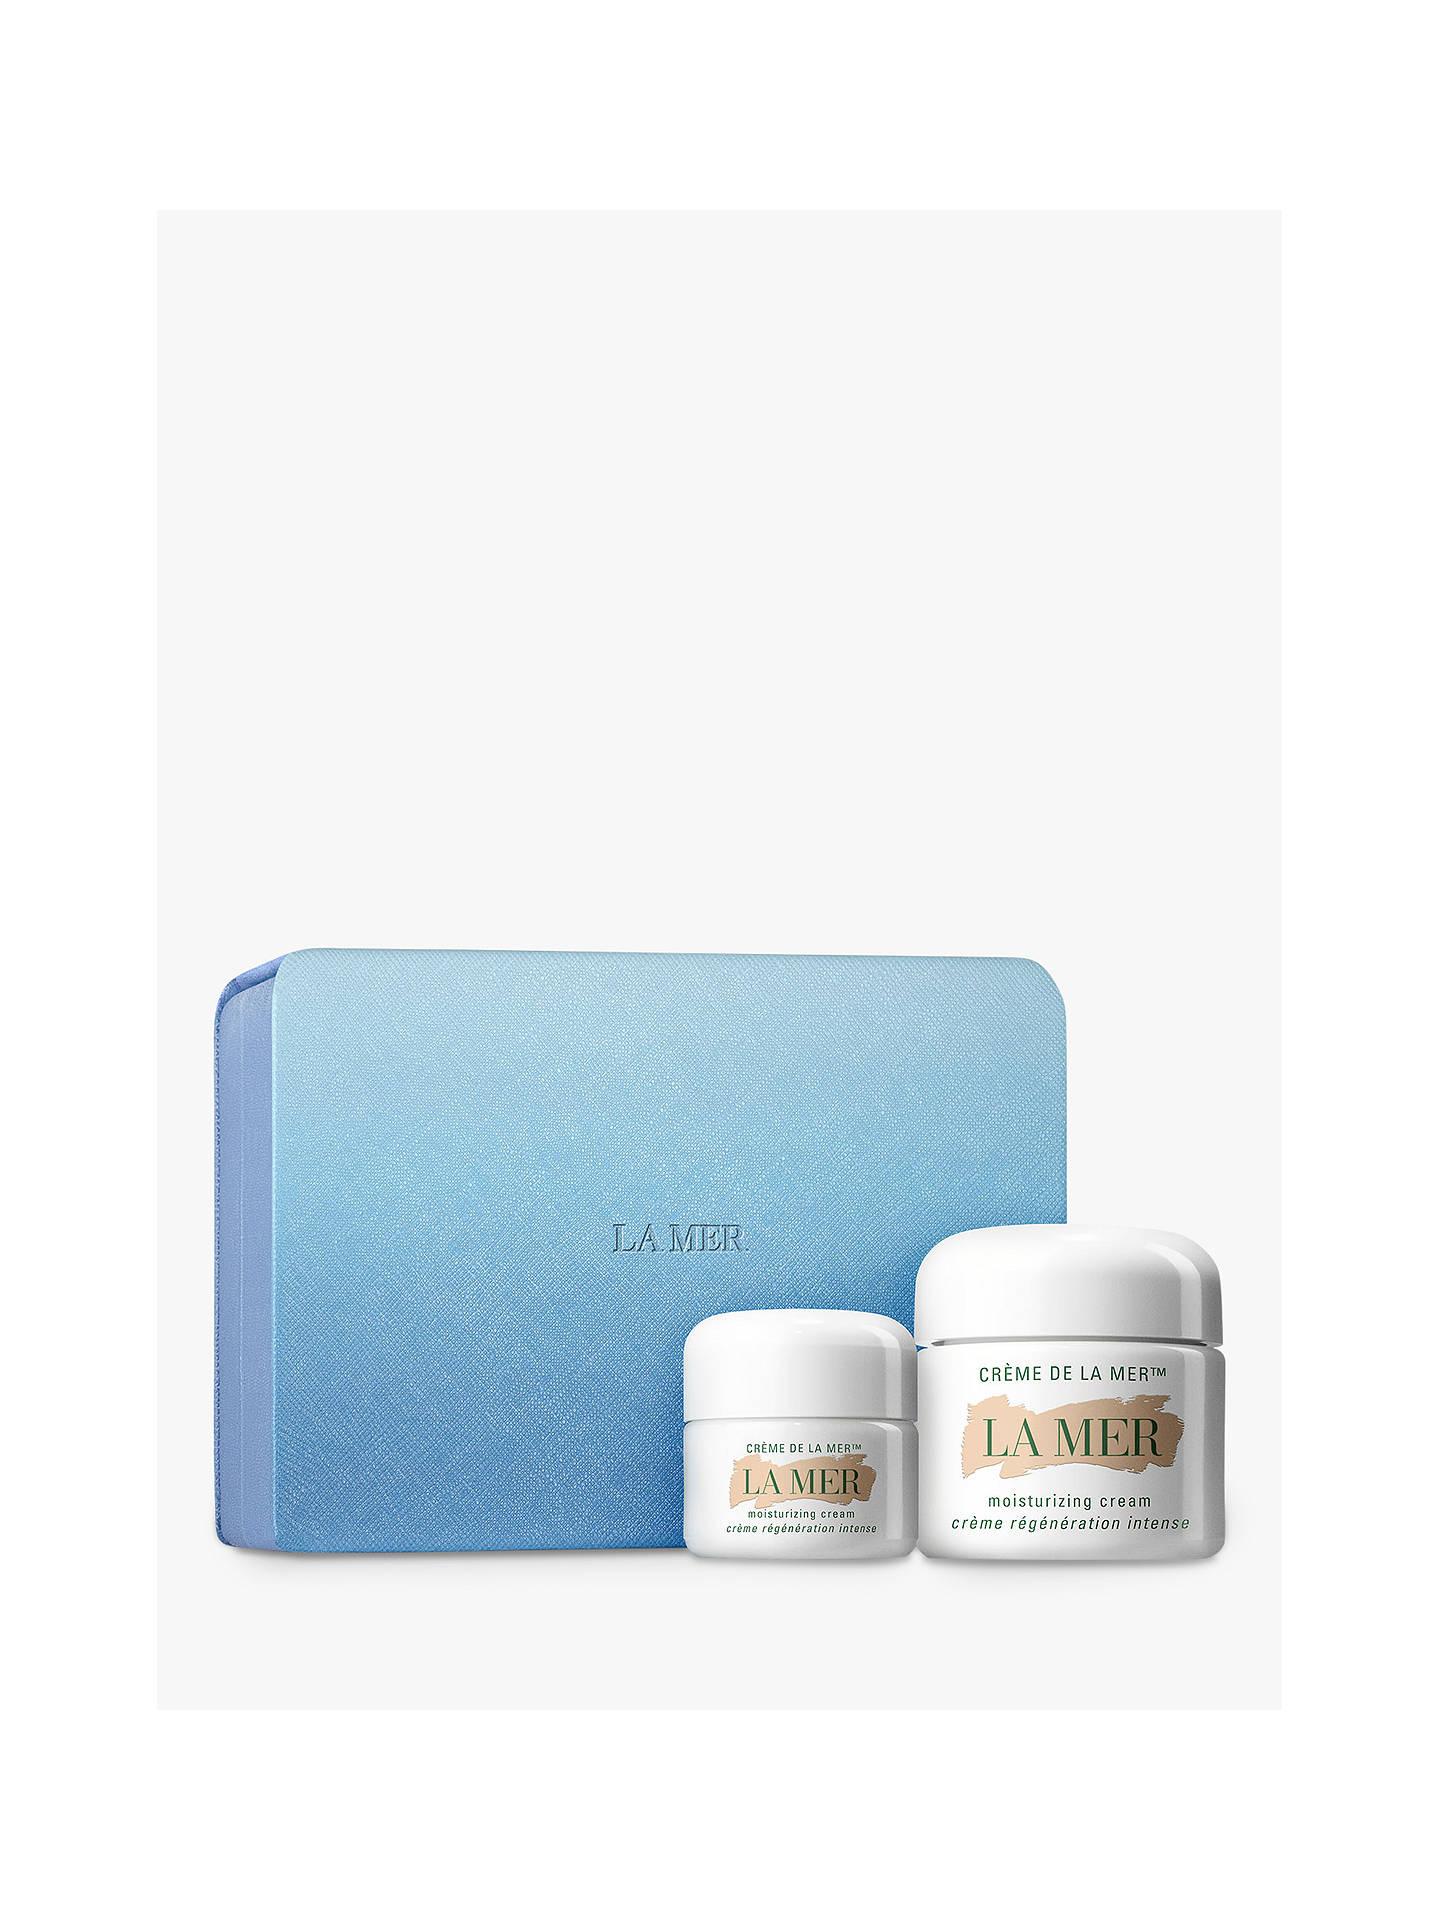 La Mer Crème De La Mer Moisturising Cream Duo Skincare Gift Set by La Mer